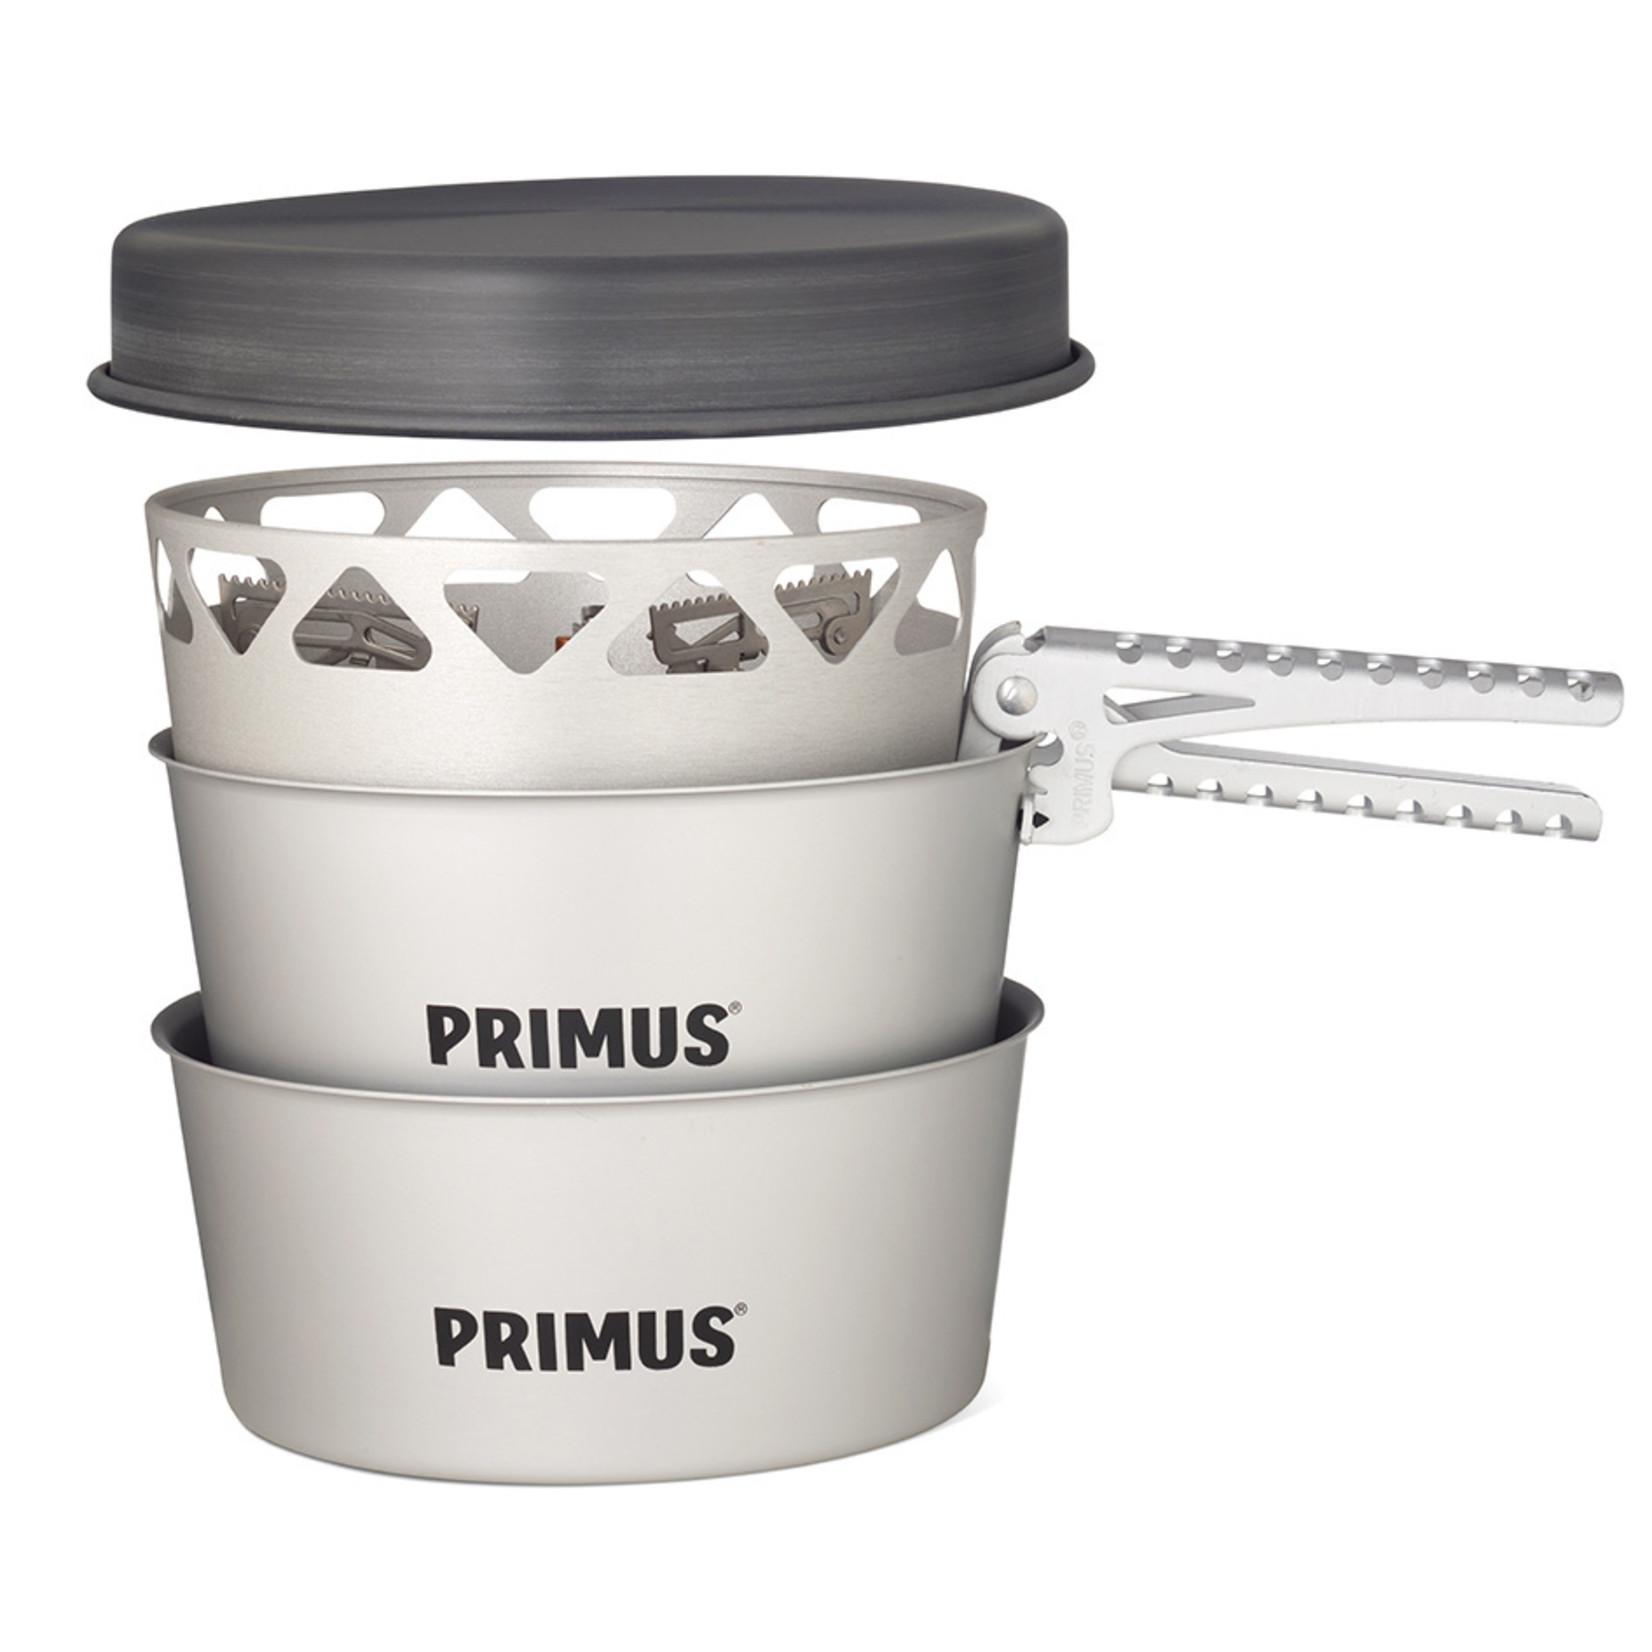 Primus Primus Essential stove set 1,3 liter, PTFE-antiaanbaklaag